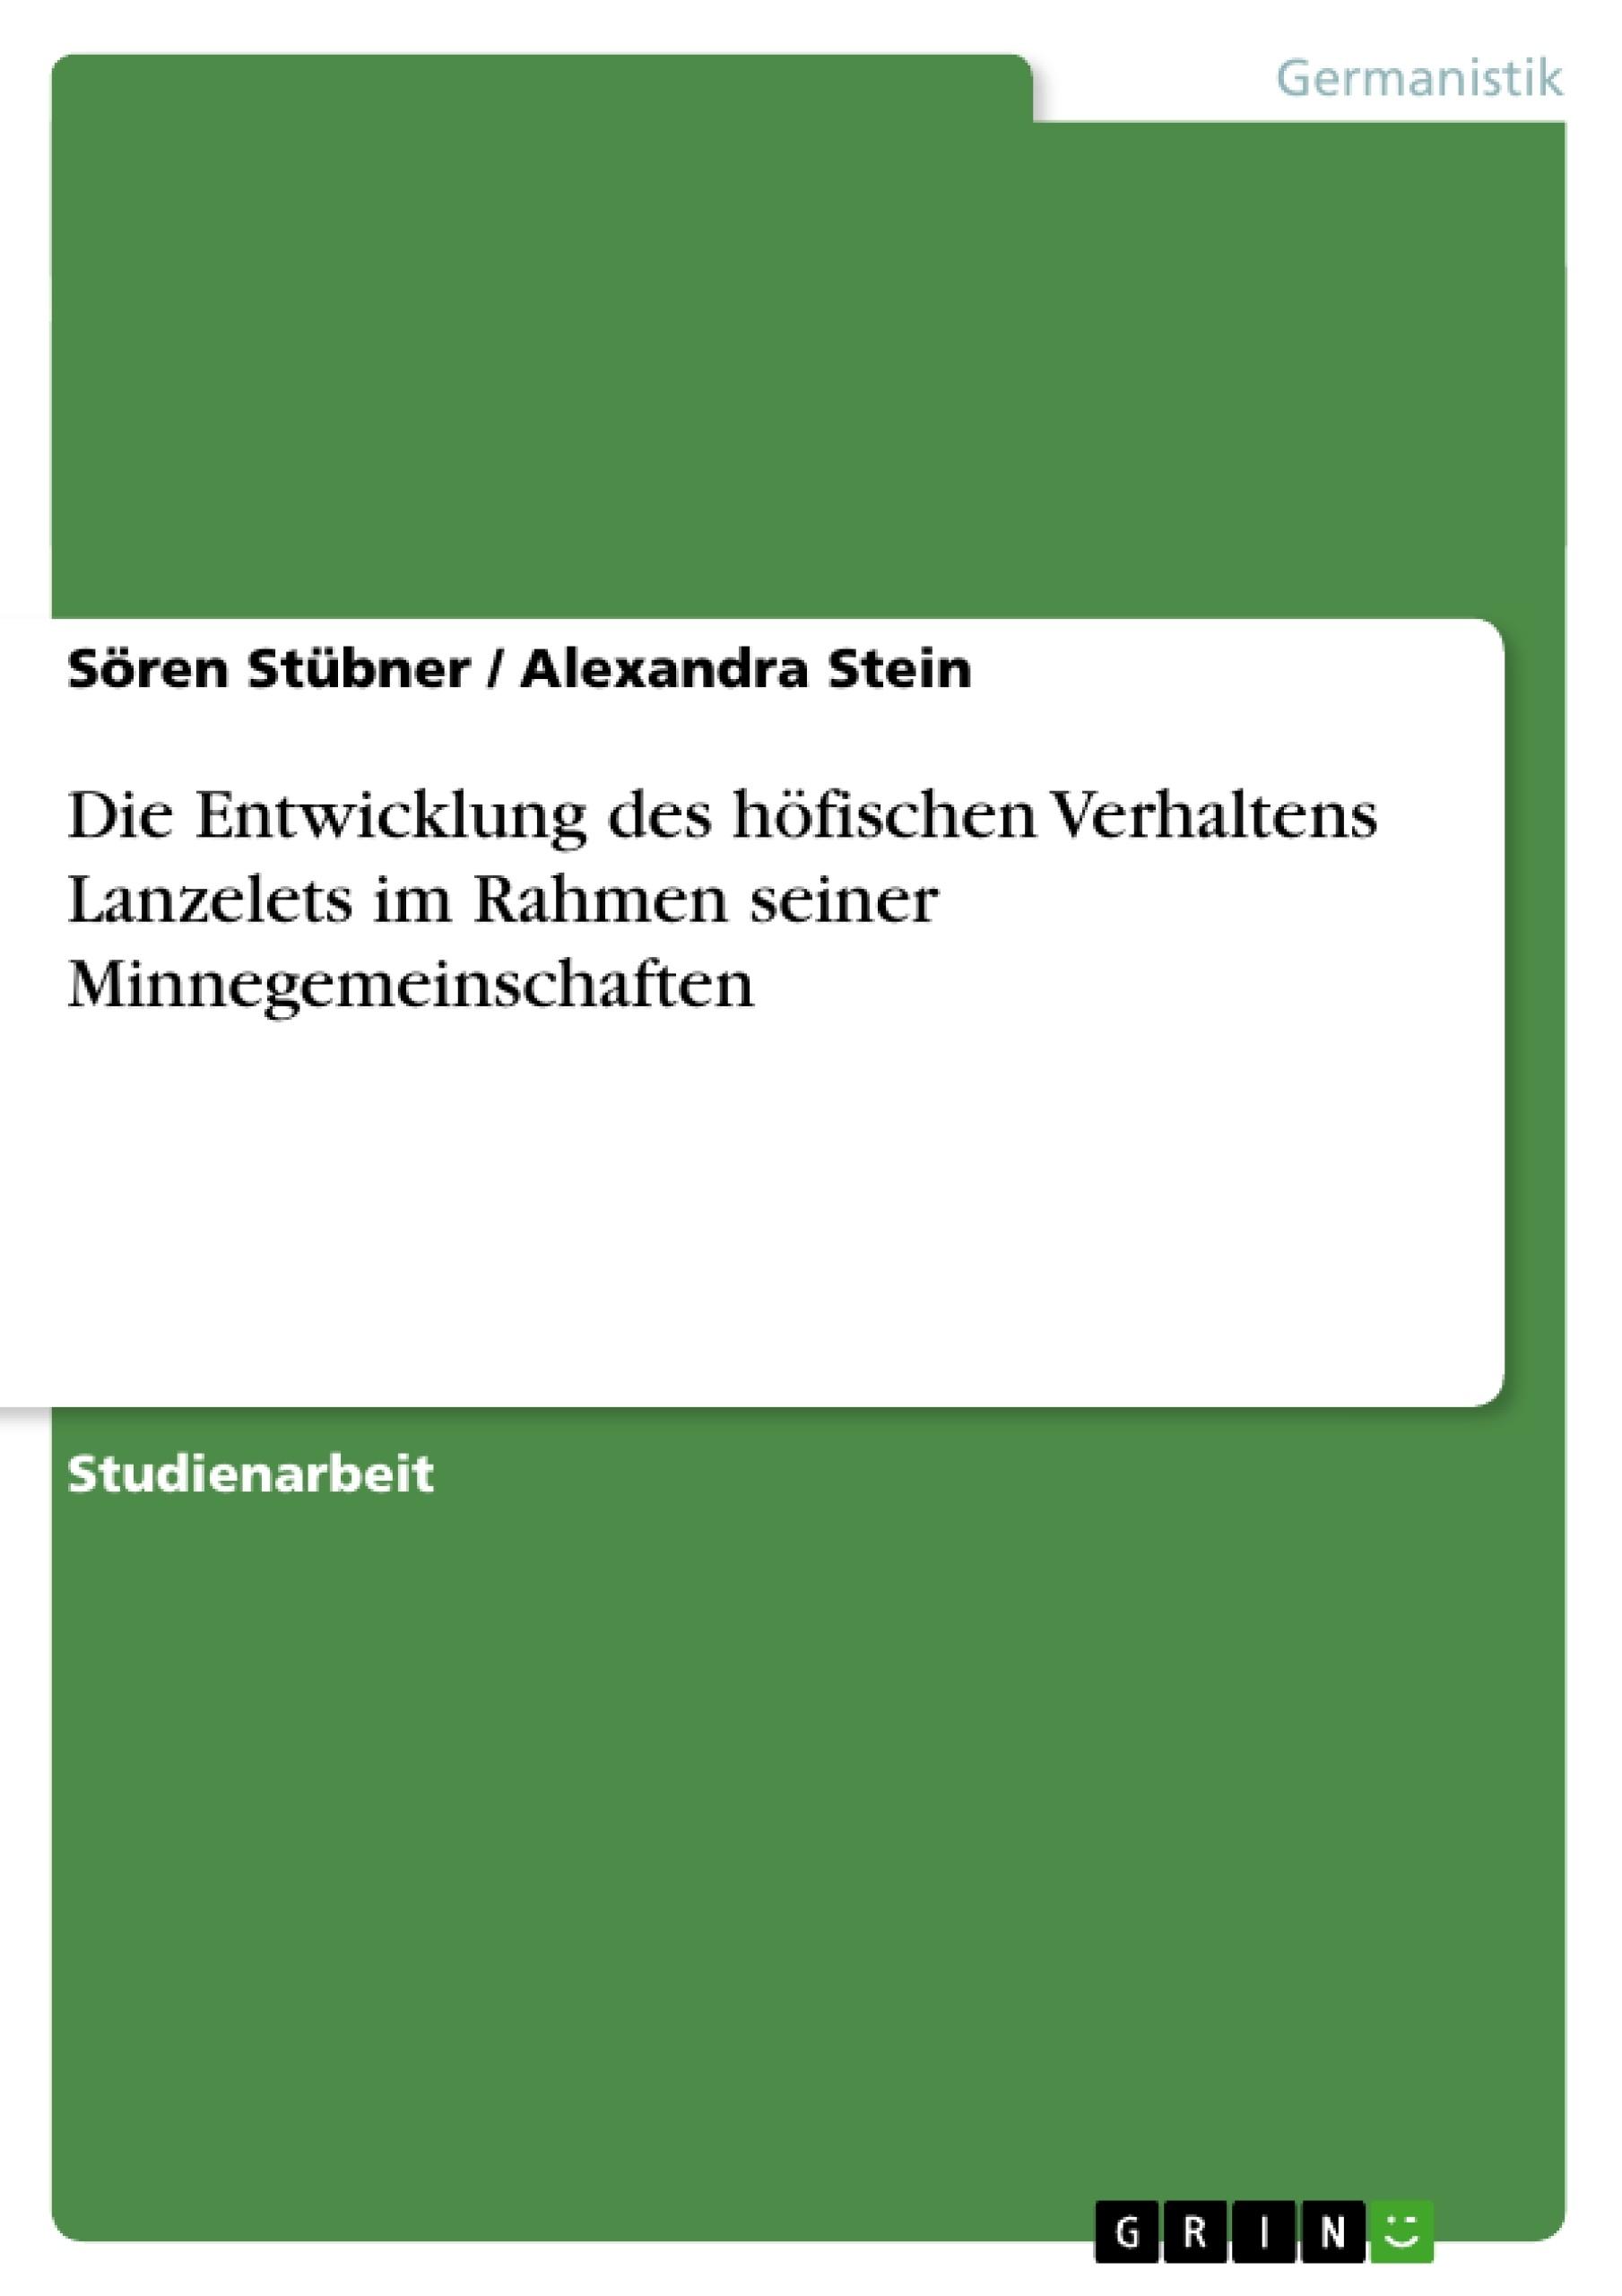 Titel: Die Entwicklung des höfischen Verhaltens Lanzelets im Rahmen seiner Minnegemeinschaften